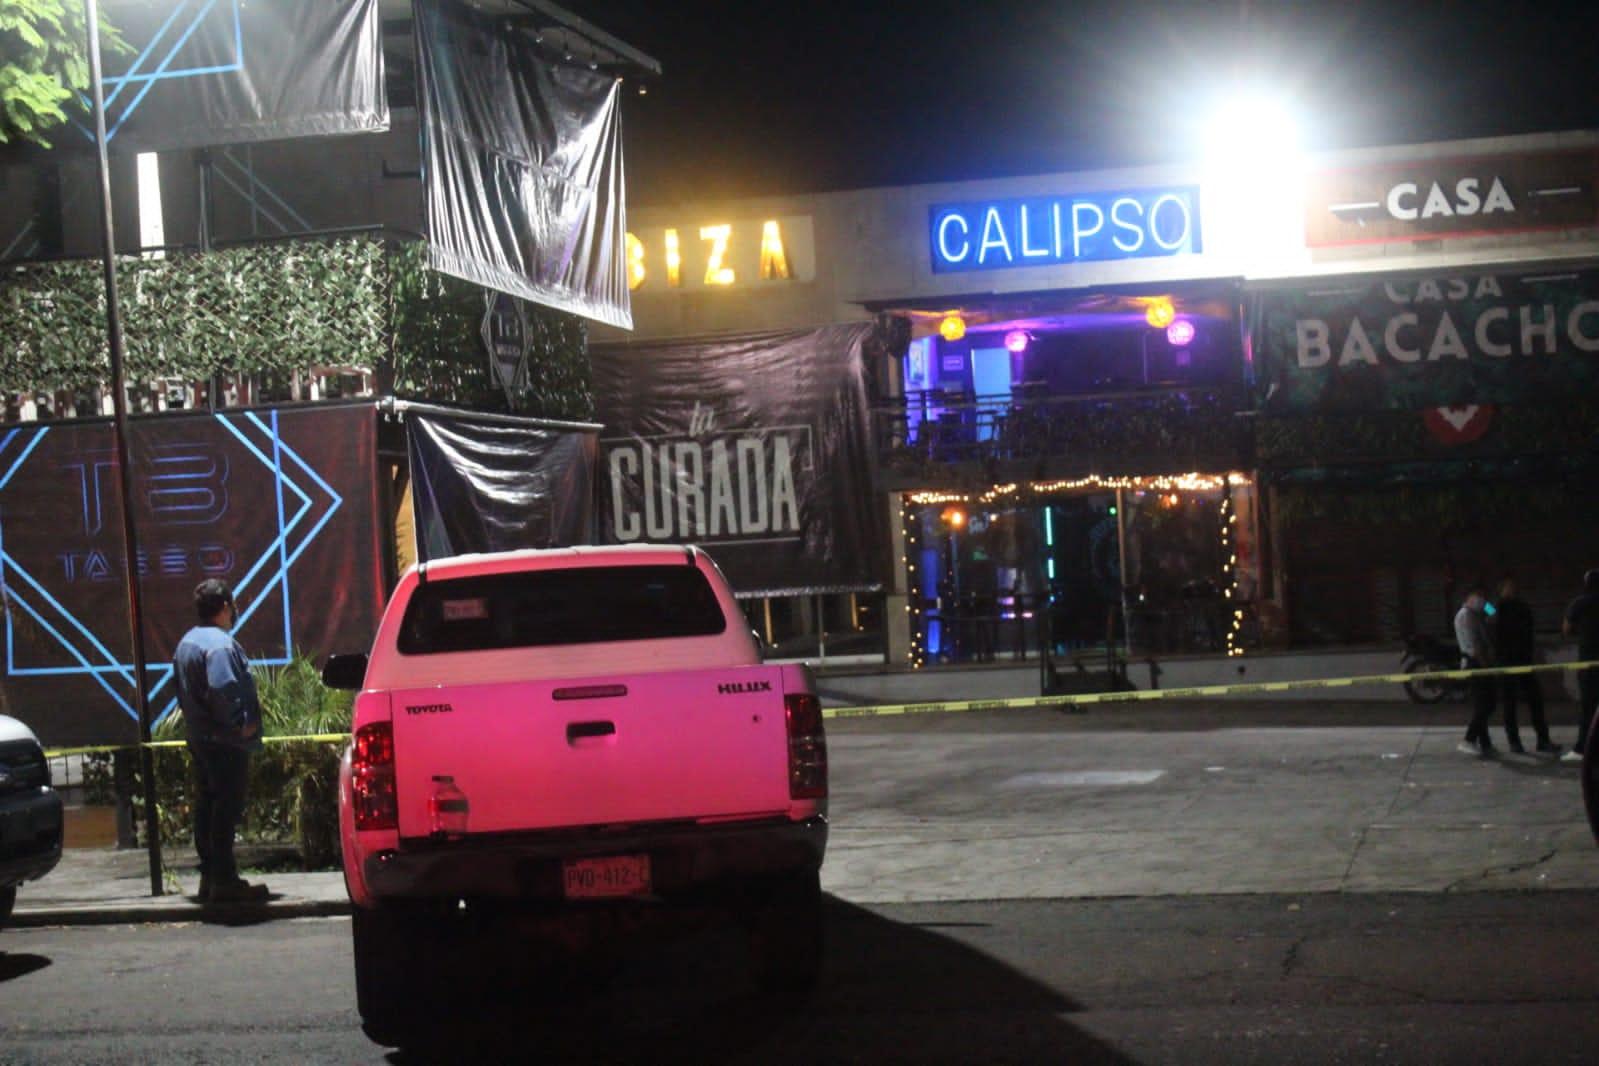 Balacera en bar Calipso de Avenida Río Mayo de Cuernavaca, deja un muerto y  un herido. – Zona Centro Noticias